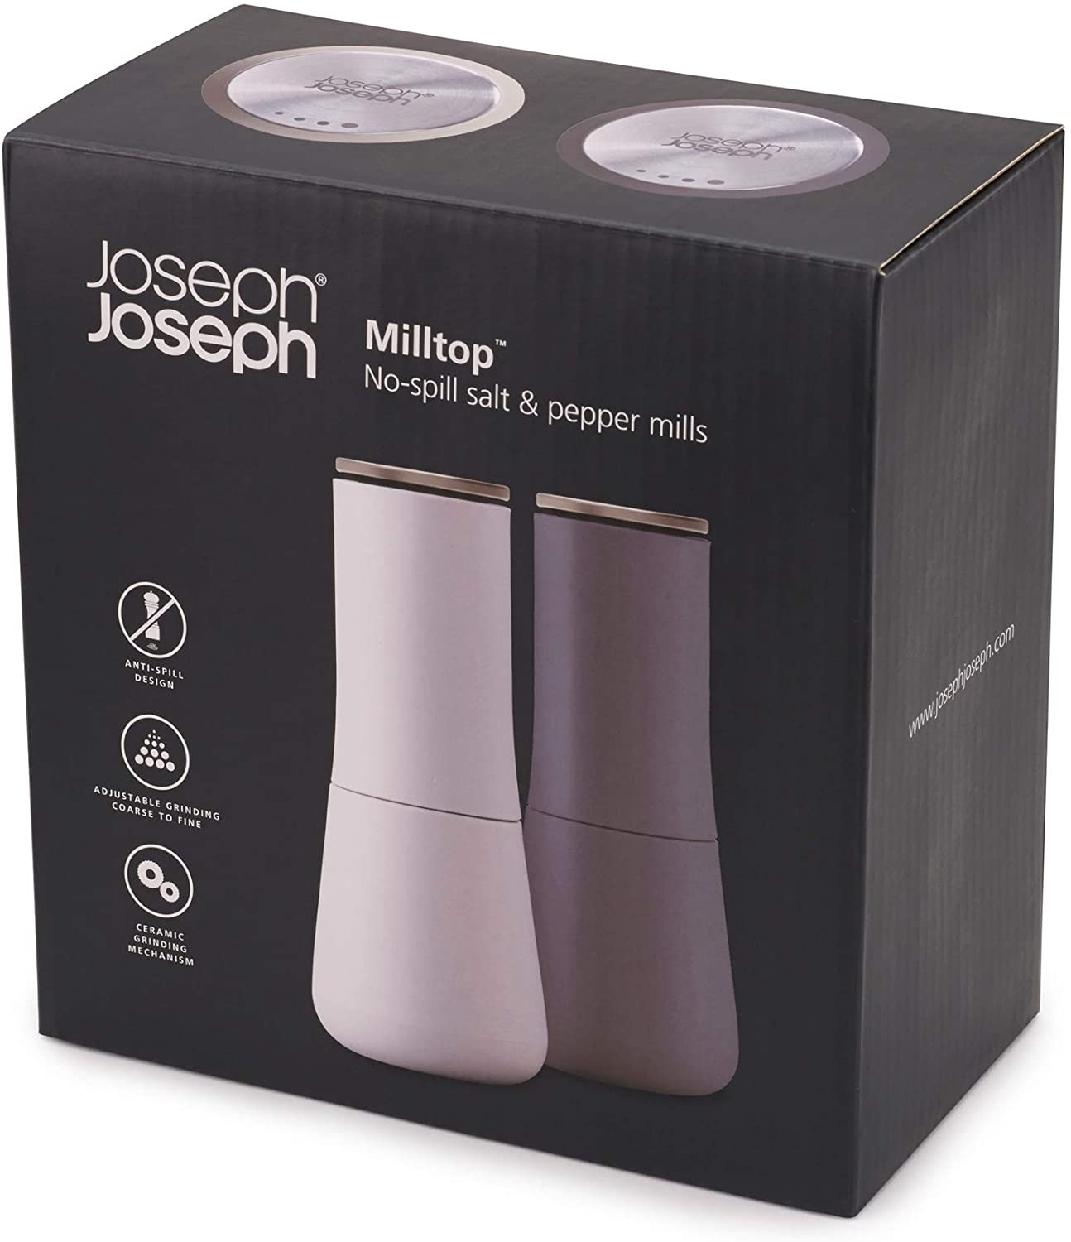 Joseph Joseph(ジョセフ ジョセフ)ミルの商品画像7